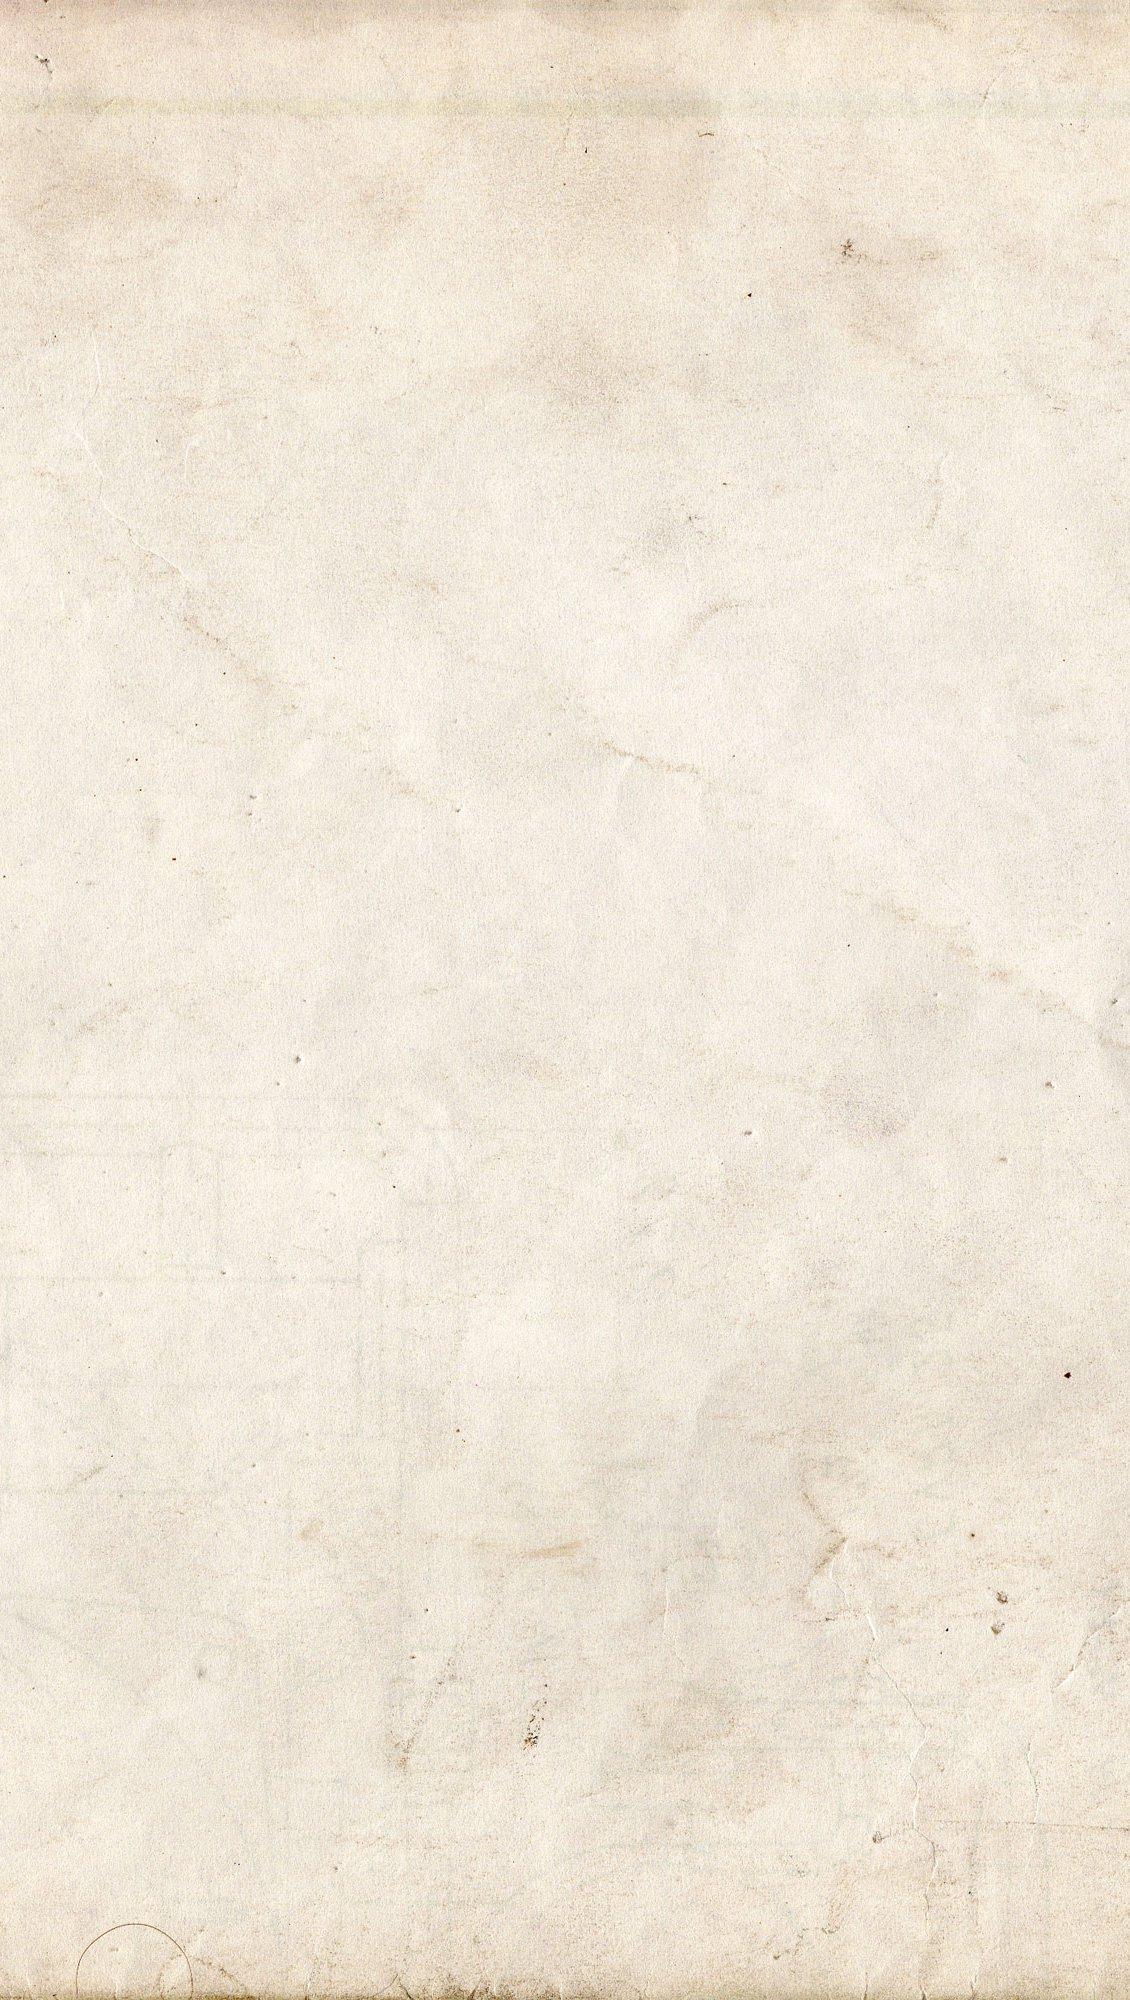 Fondos de pantalla Textura vieja hoja de papel arrugada café Vertical